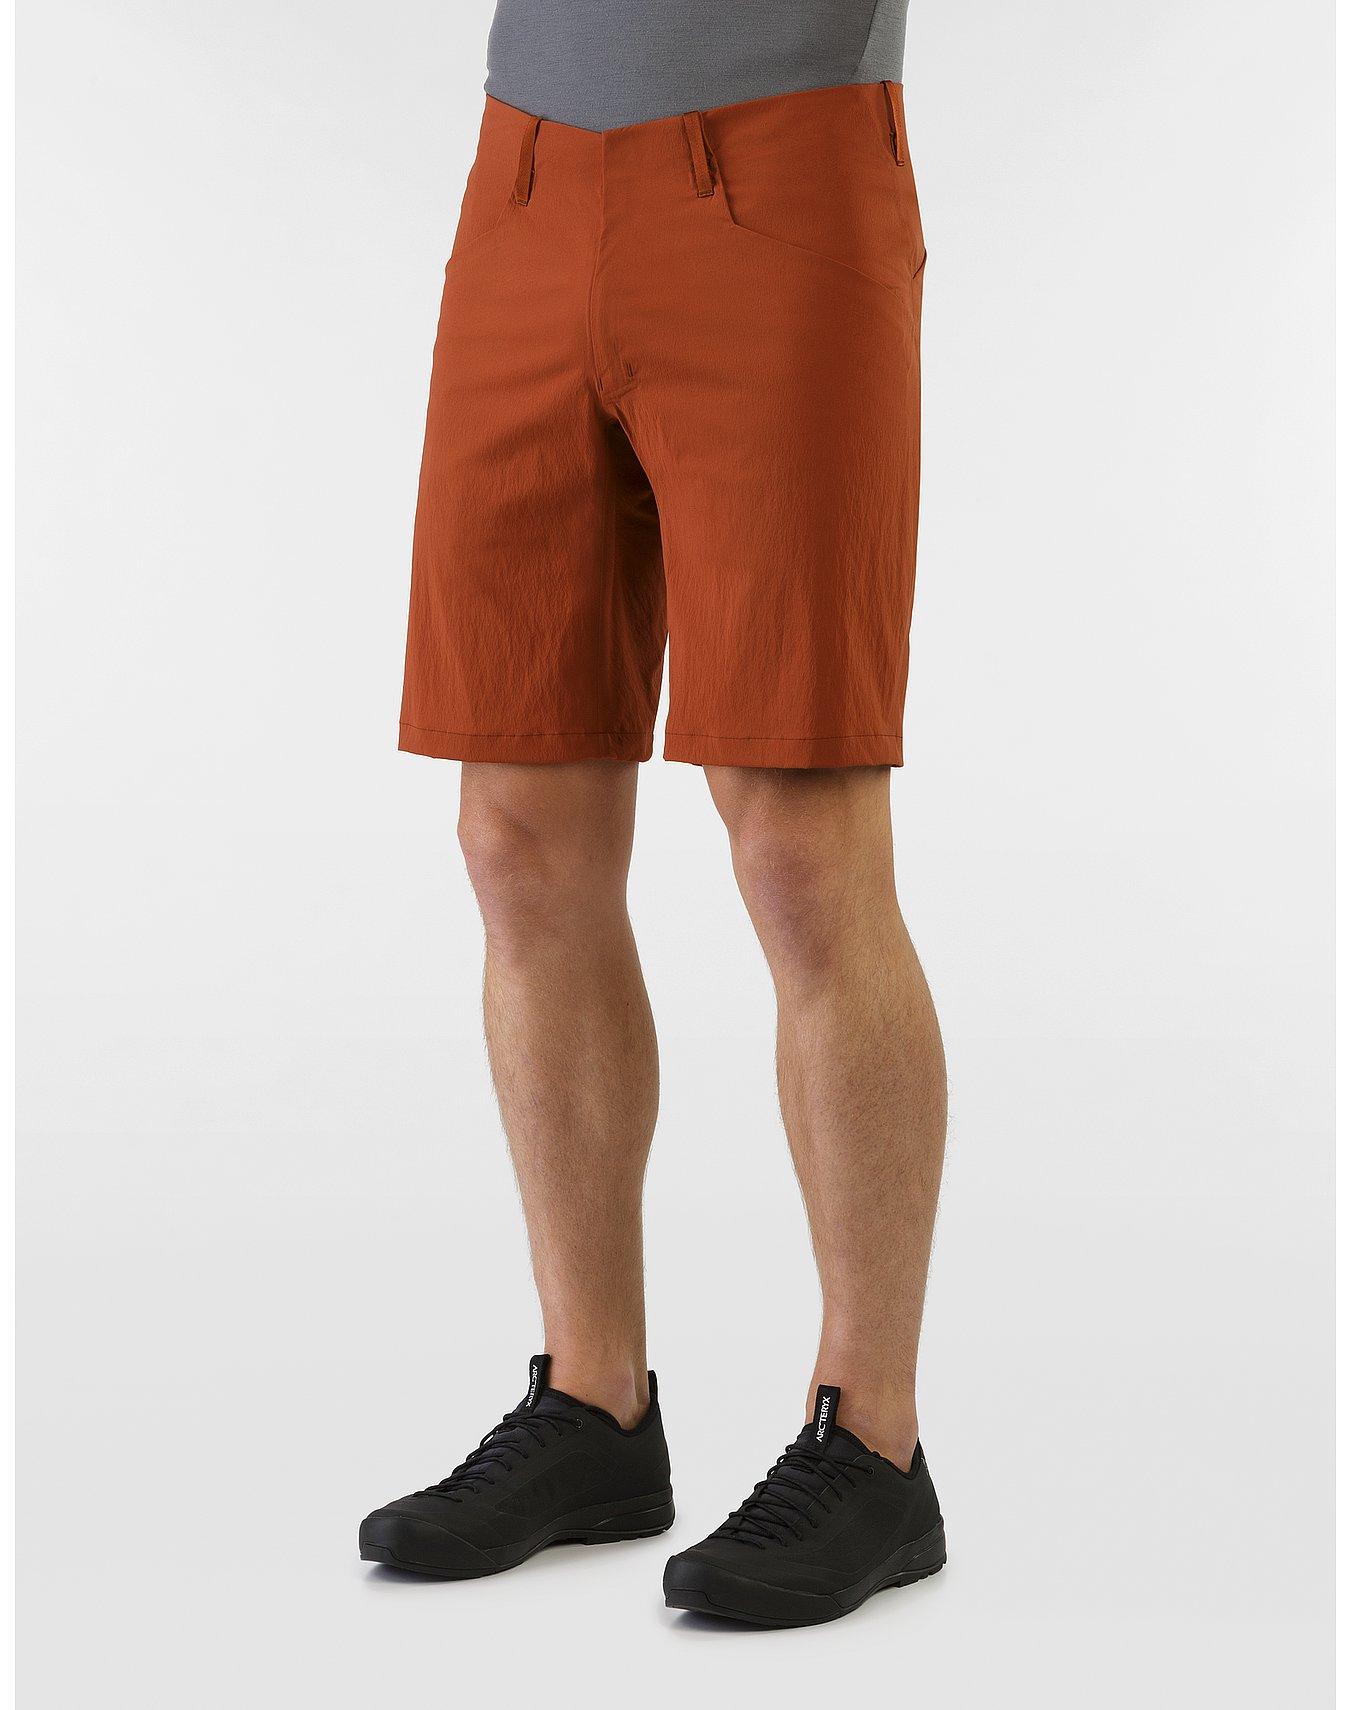 Shop Now Voronoi LT Short Men's